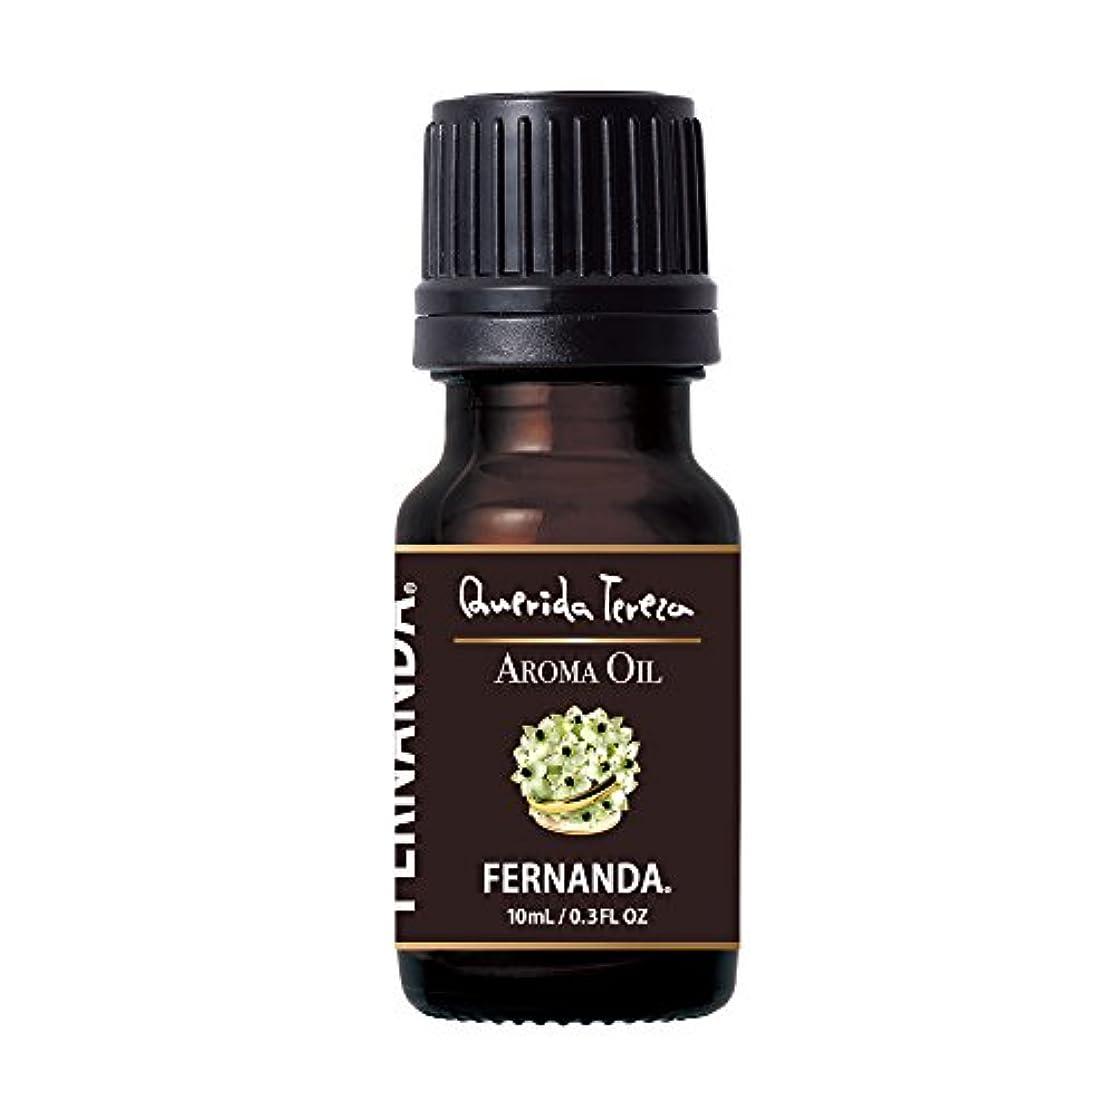 ソケット権威中傷FERNANDA(フェルナンダ) Fragrance Aroma Oil Querida Tereza (アロマオイル ケリーダテレーザ)